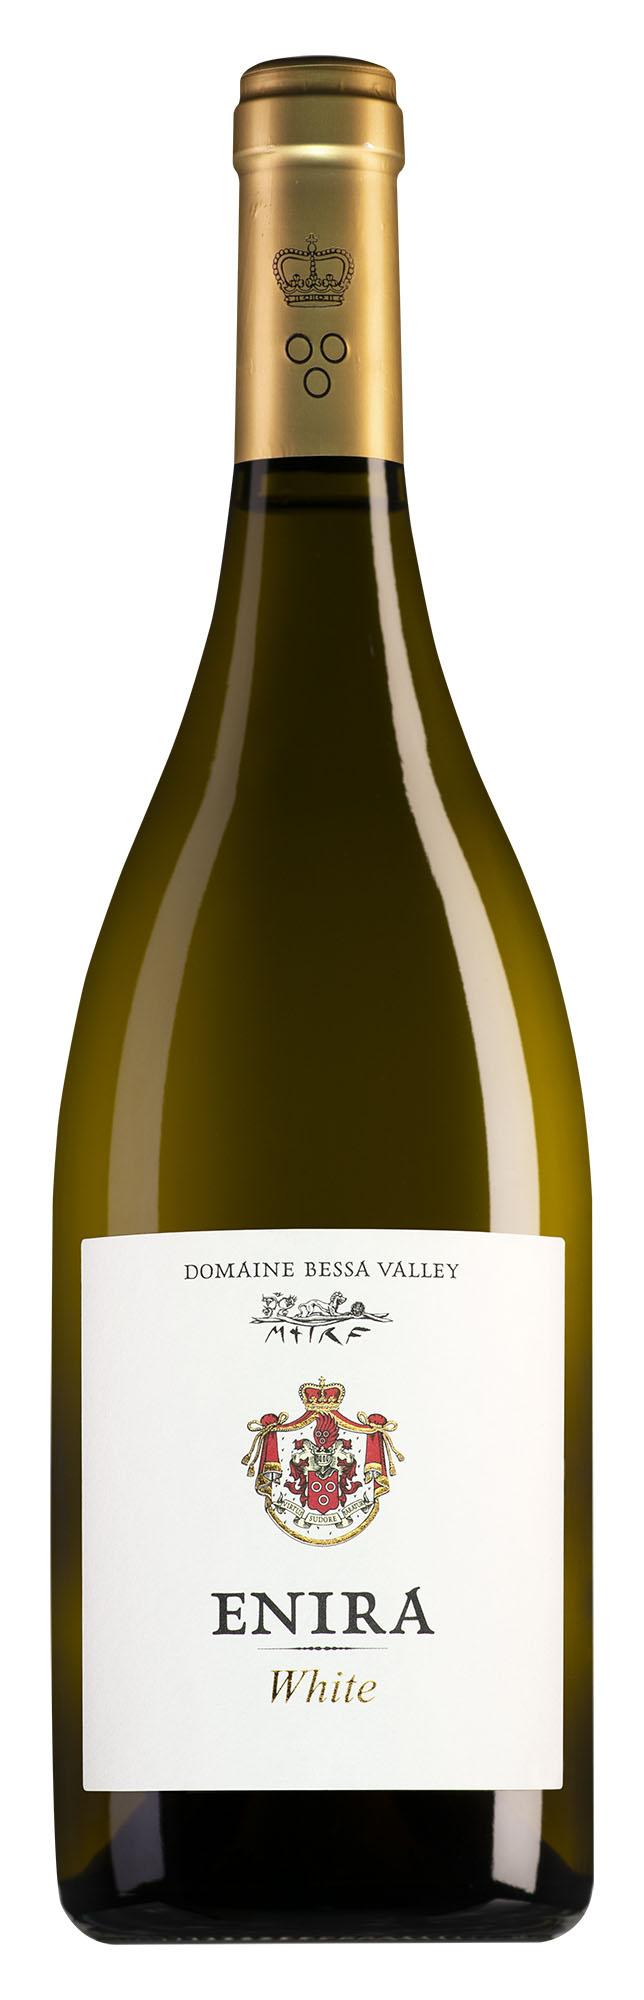 Domaine Bessa Valley Enira White